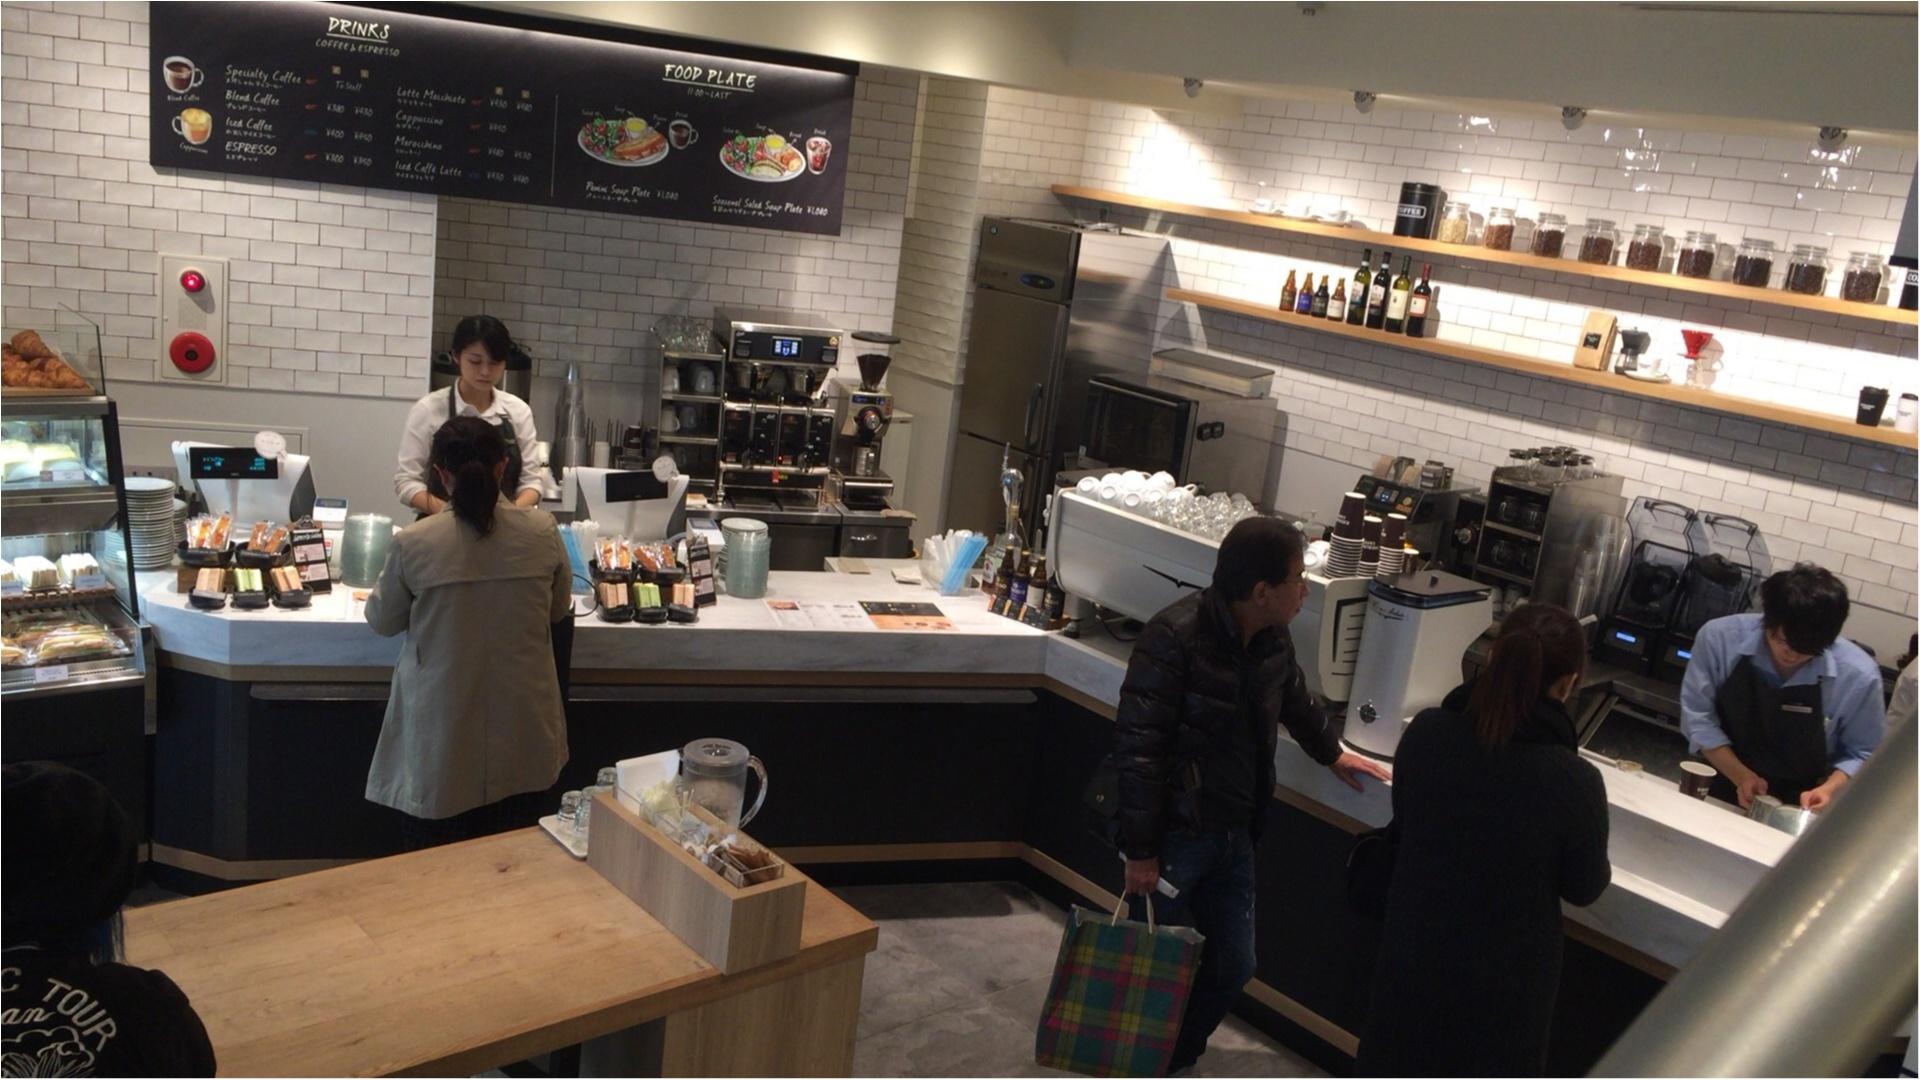 渋谷で電源カフェを探すなら?リニューアルした◯◯カフェが居心地最高♪♪ _3